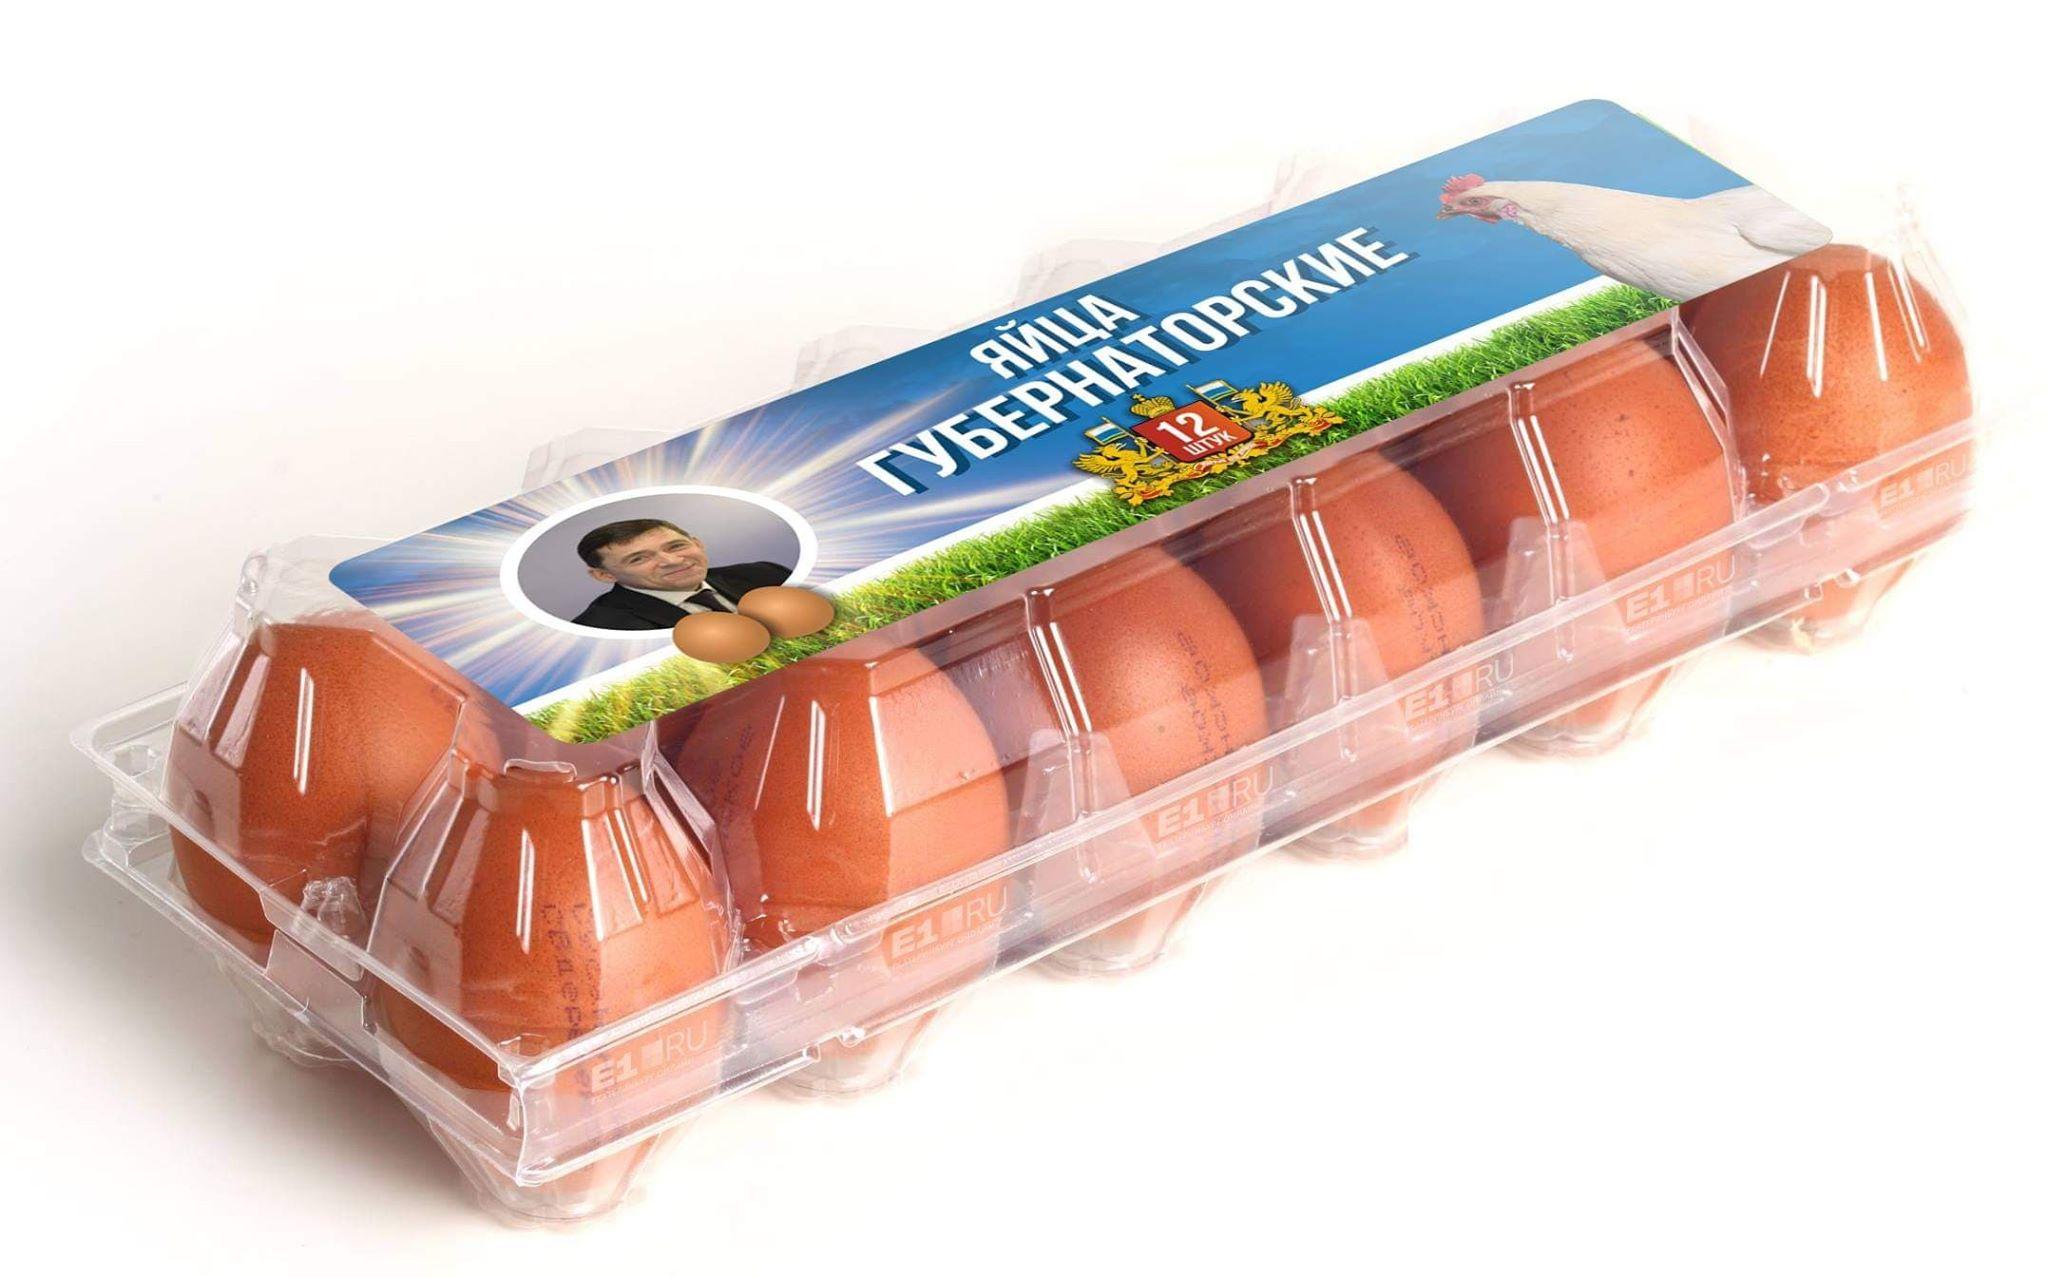 Если уж делать упаковку на 12 штук, то такую, чтобы она была удобной и яйца в ней не разбивались